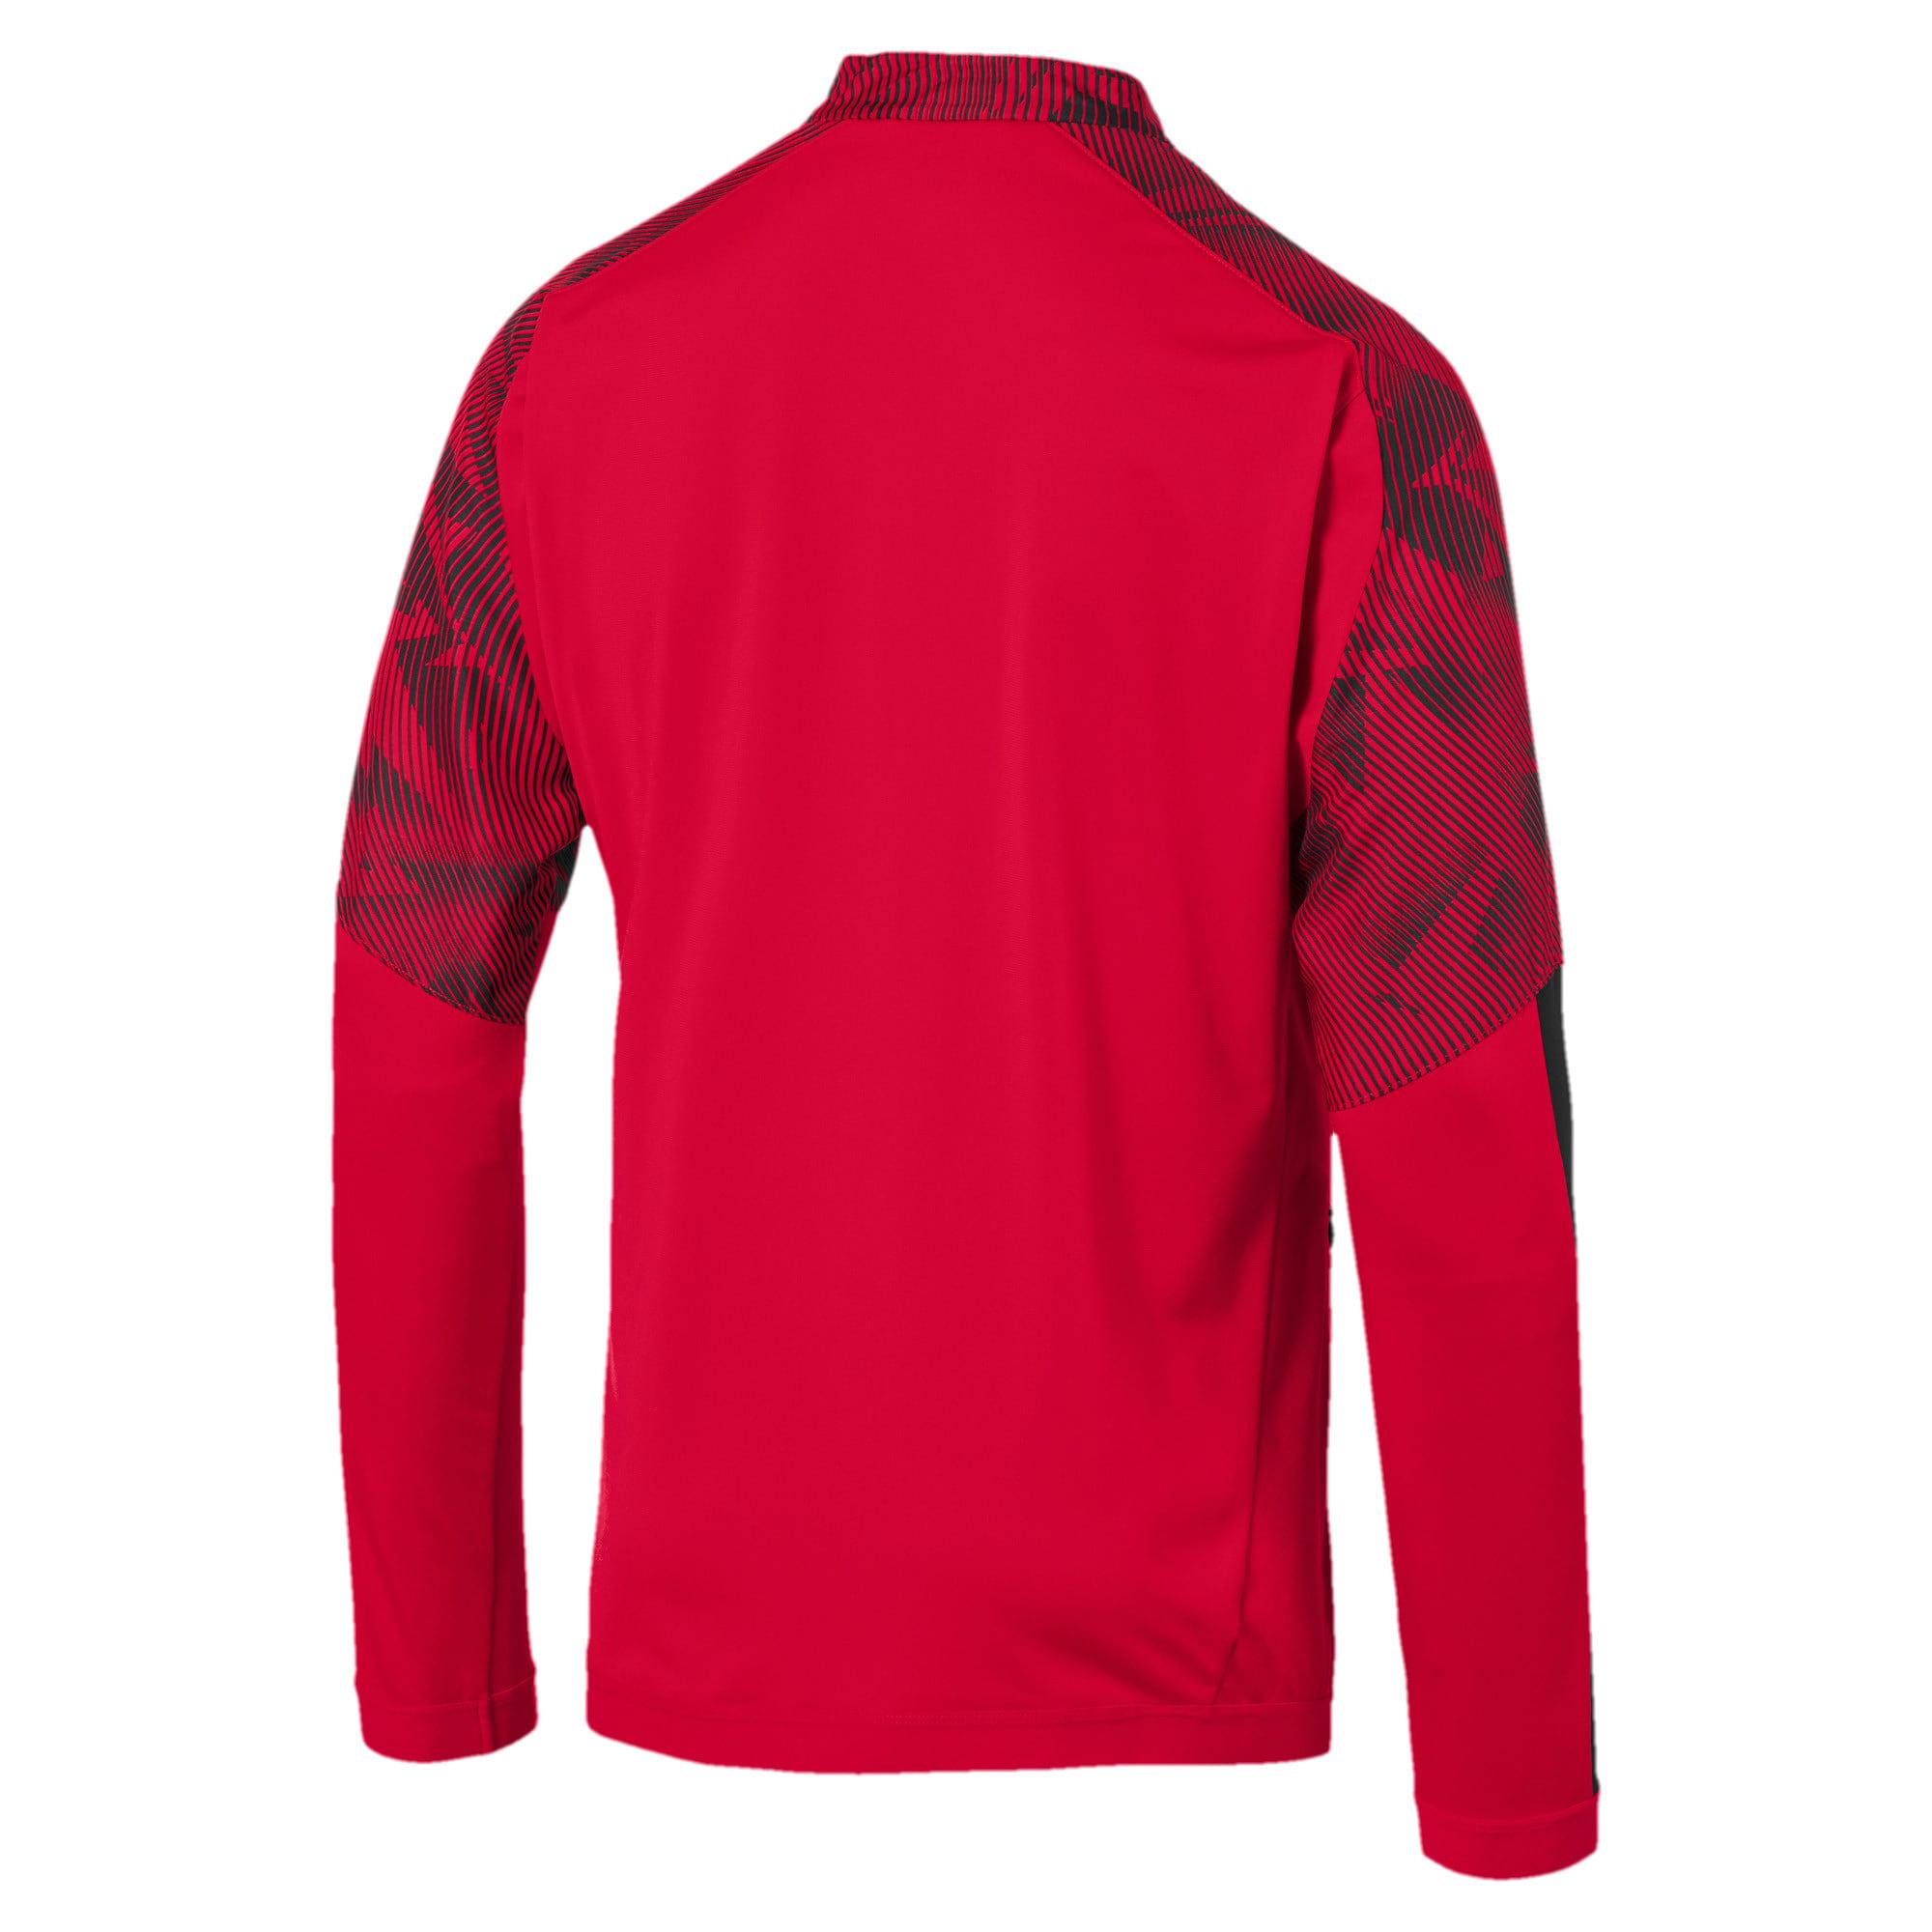 Thumbnail 5 of AC Milan Men's Poly Jacket, Puma Black-Tango Red, medium